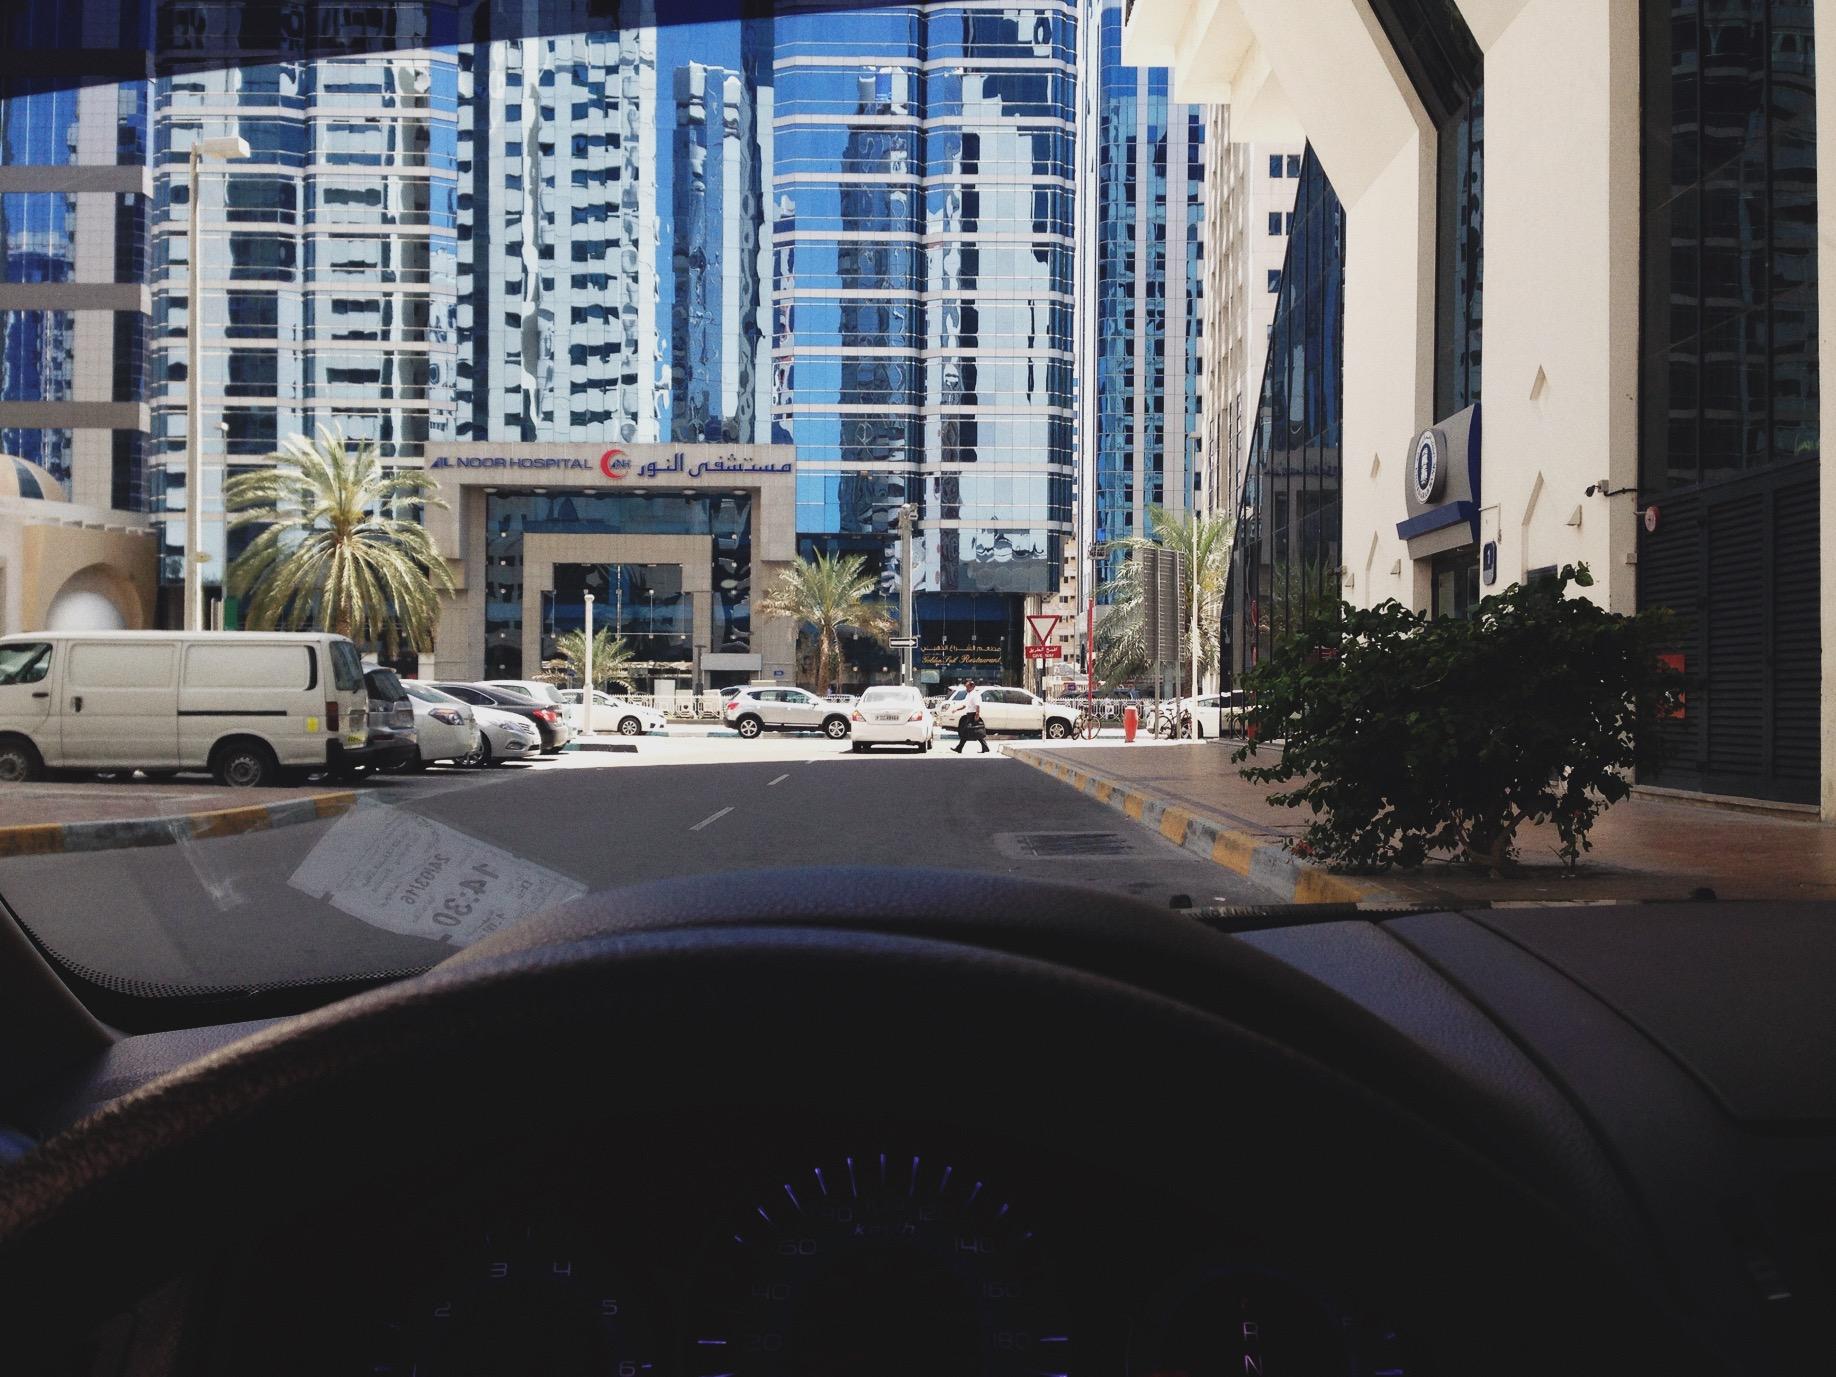 #84 - Abu Dhabi